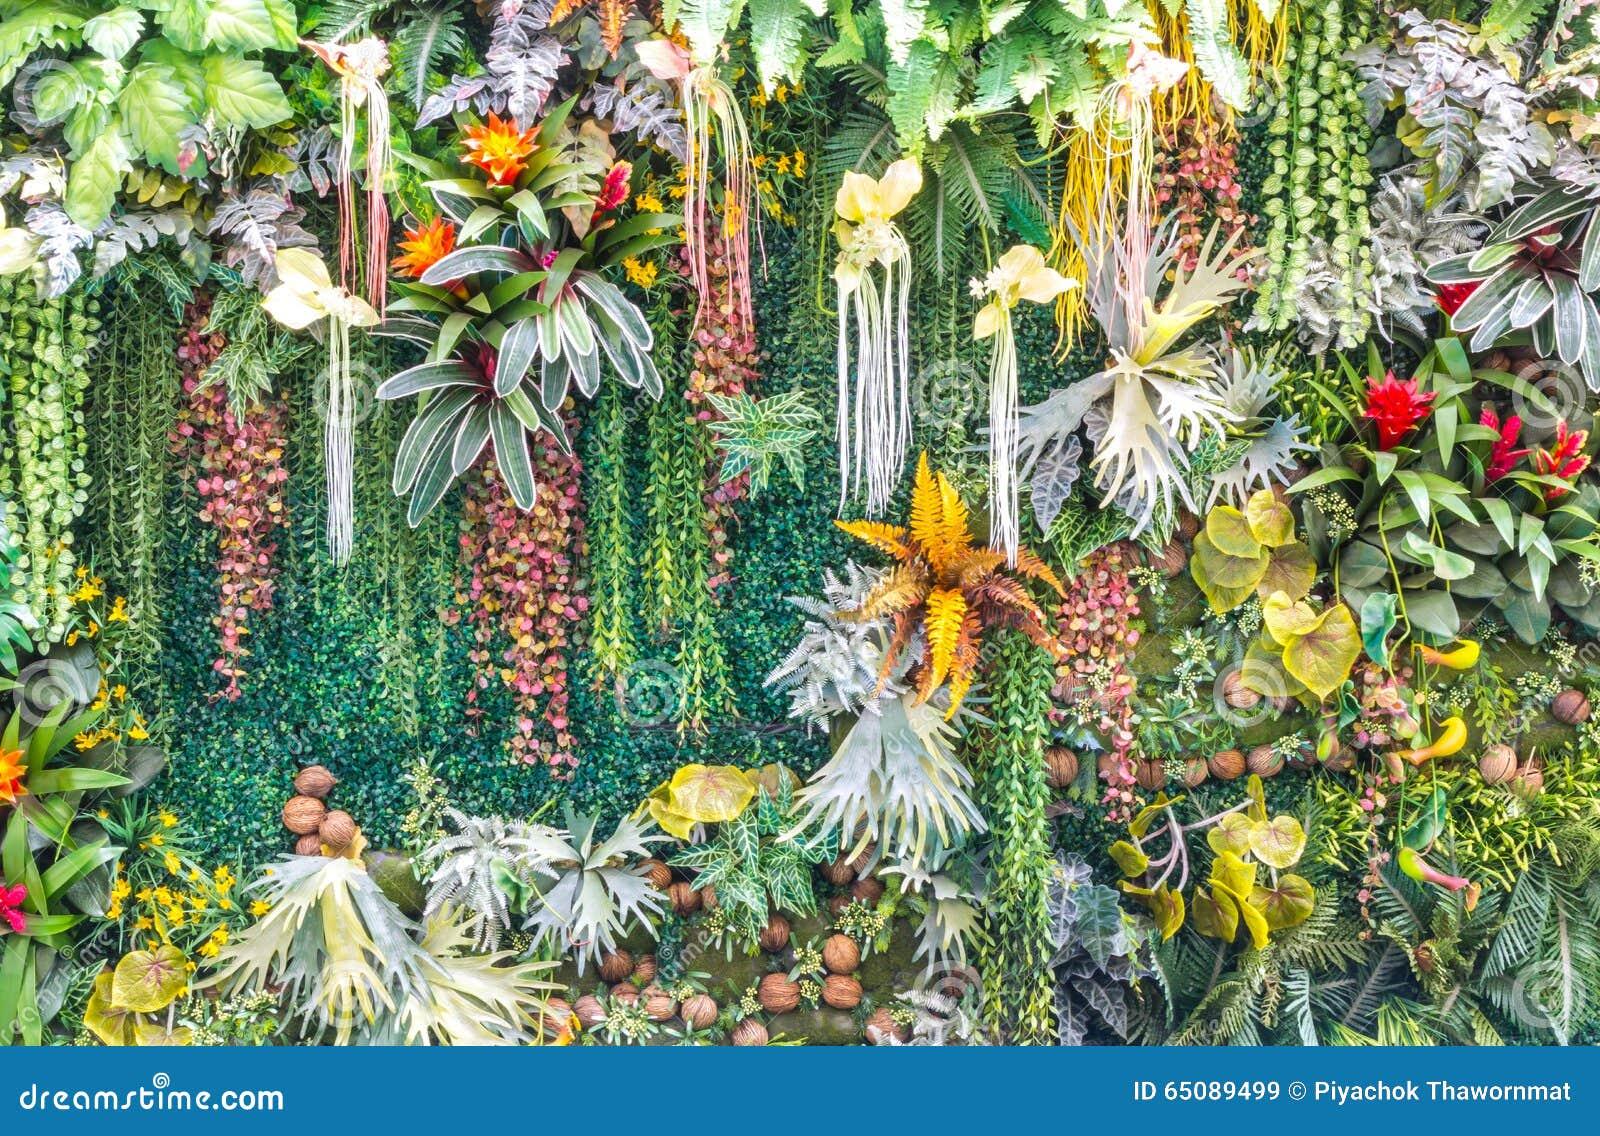 Artificial vertical garden wall stock image image 65089499 for Garden plants